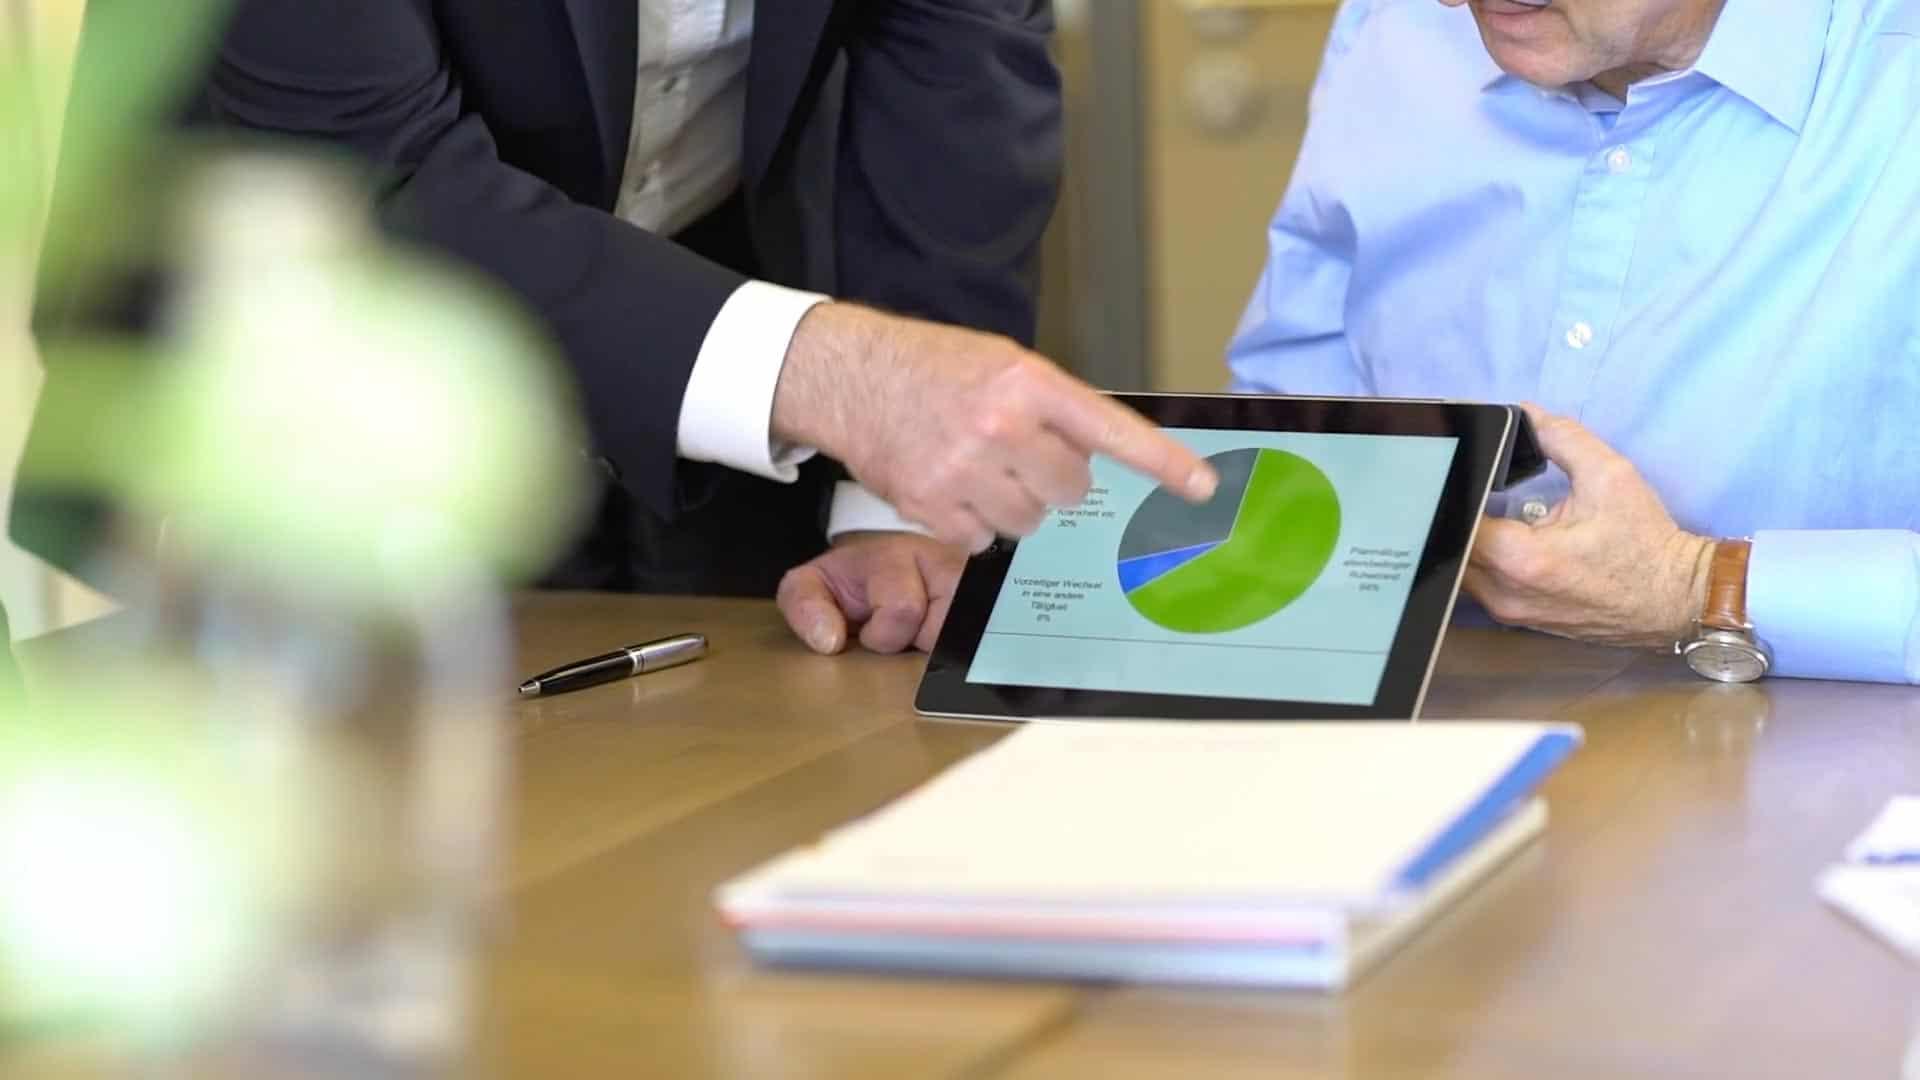 Specjalista z firmy KERN, Ingo Claus, pokazuje klientowi grafikę